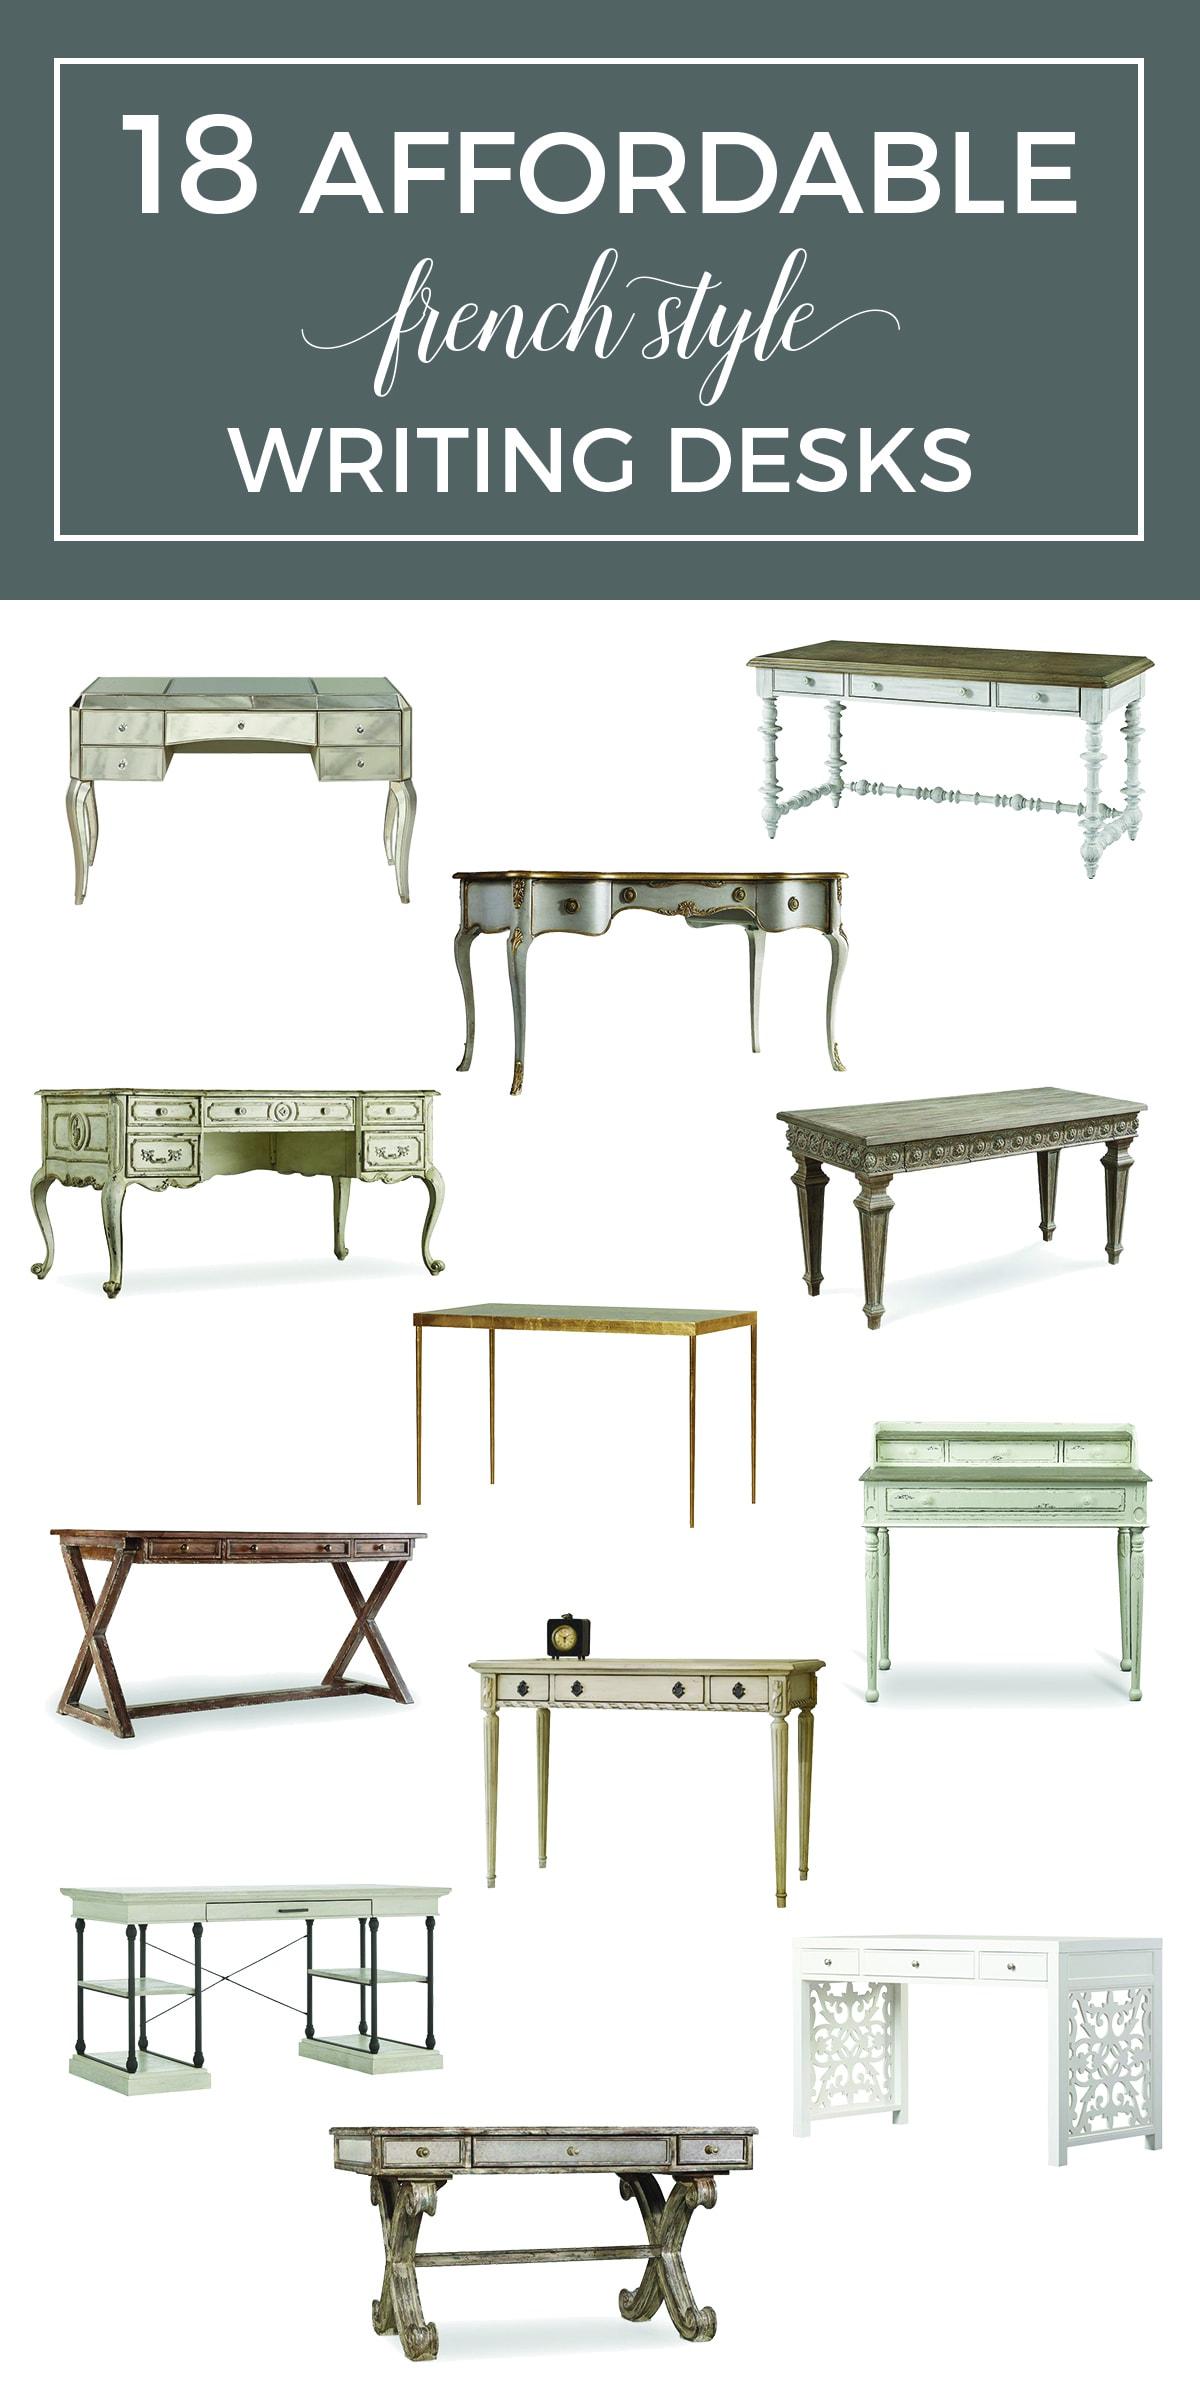 Affordable French Desks Shopping Guide - Designthusiasm.com